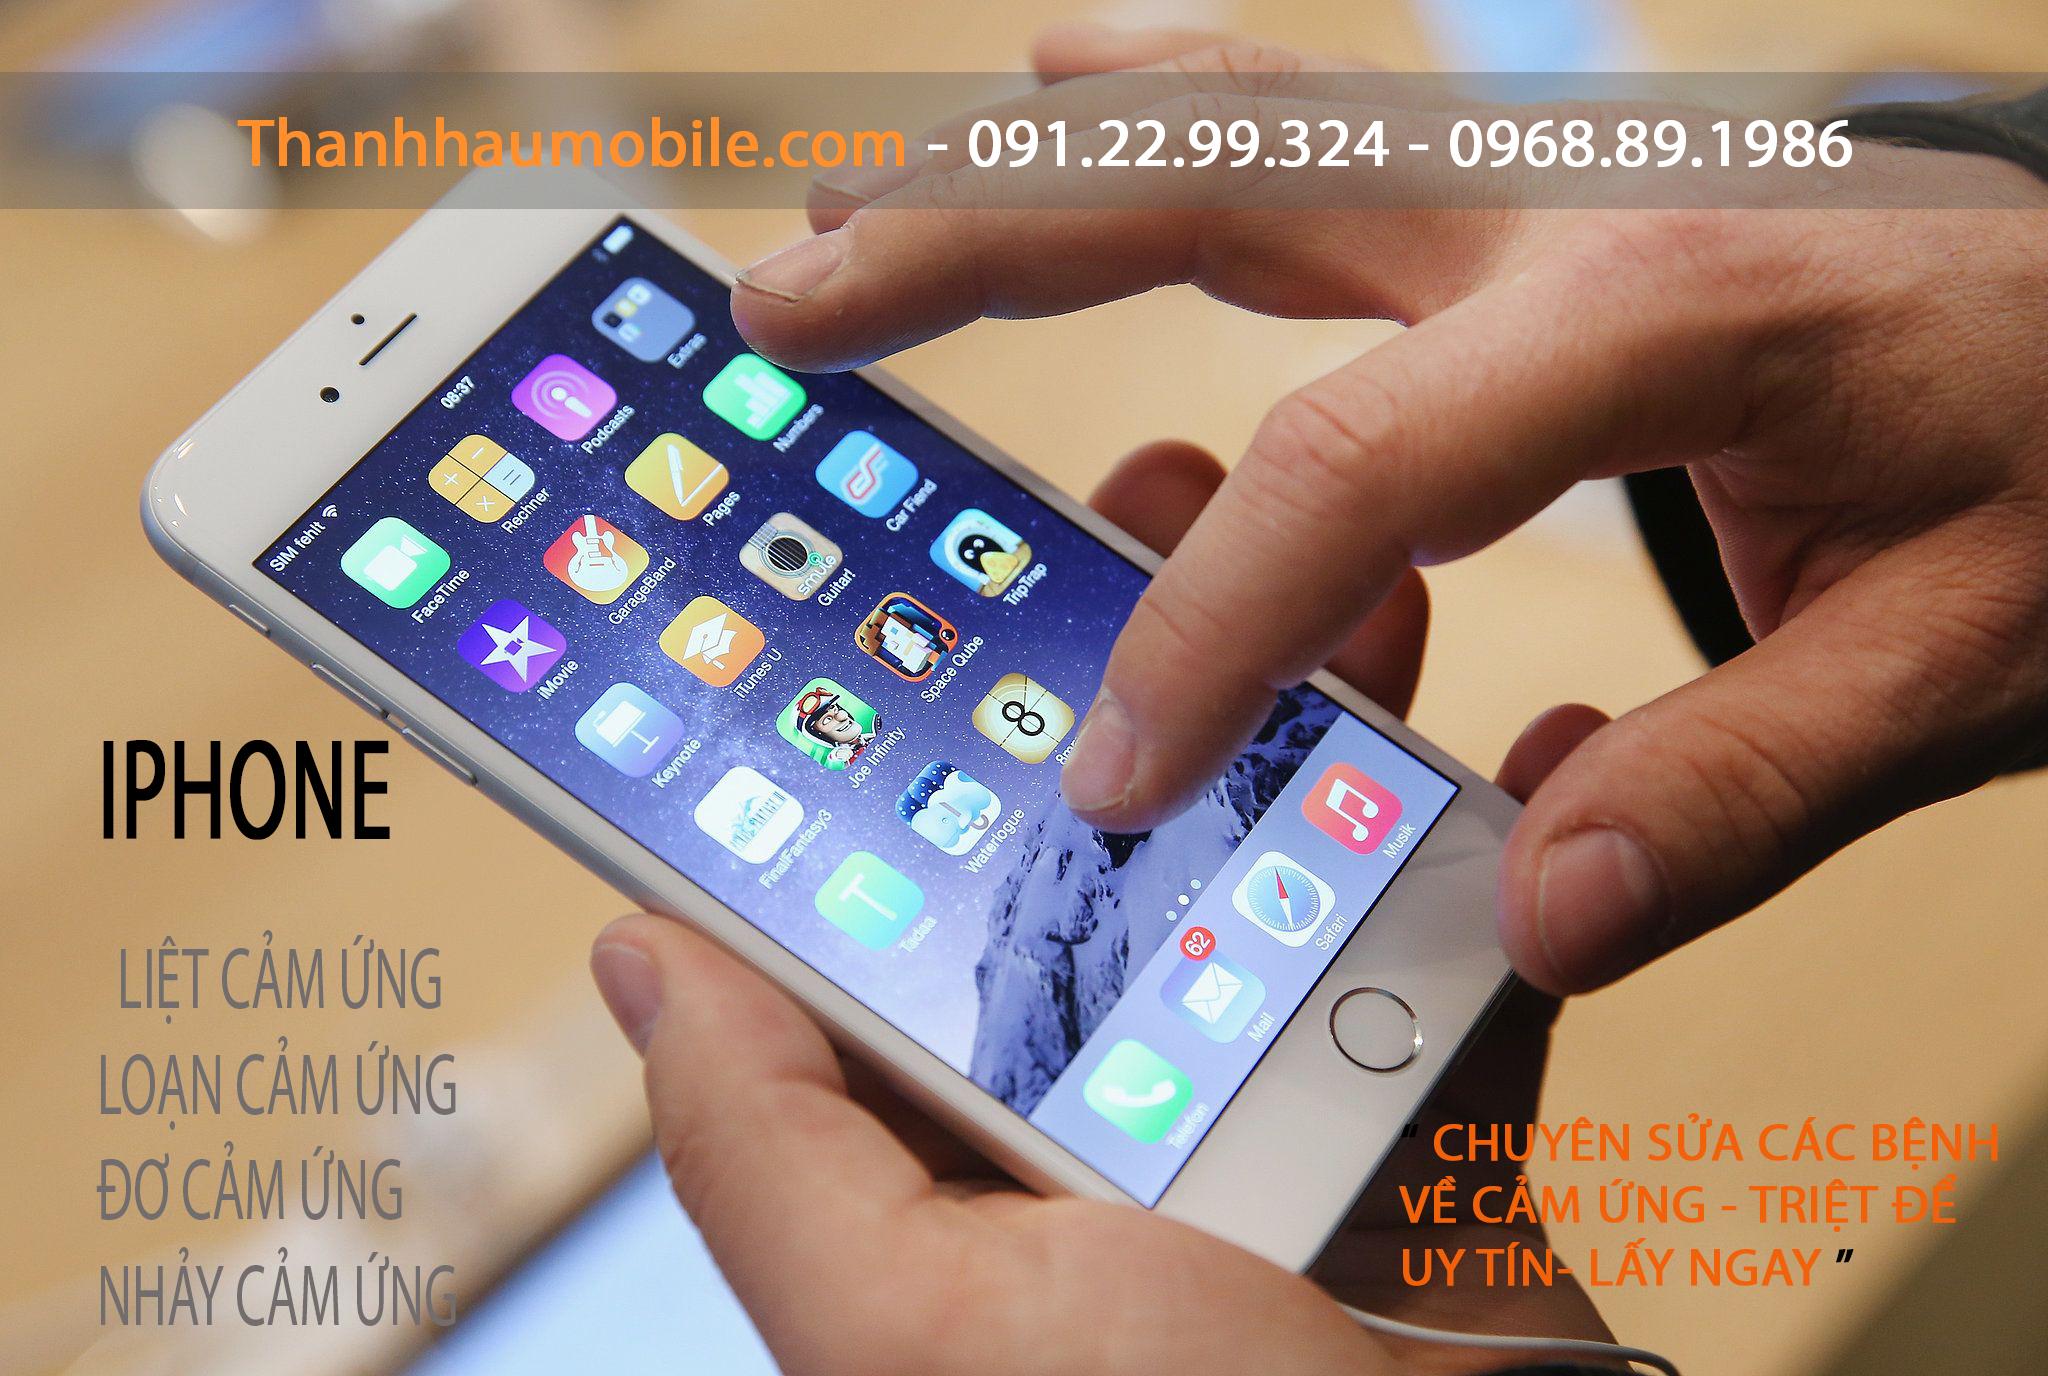 SỬA IPHONE 6 ĐƠ CẢM ỨNG | sửa iphone 6 đơ màn hình cảm ứng | HN